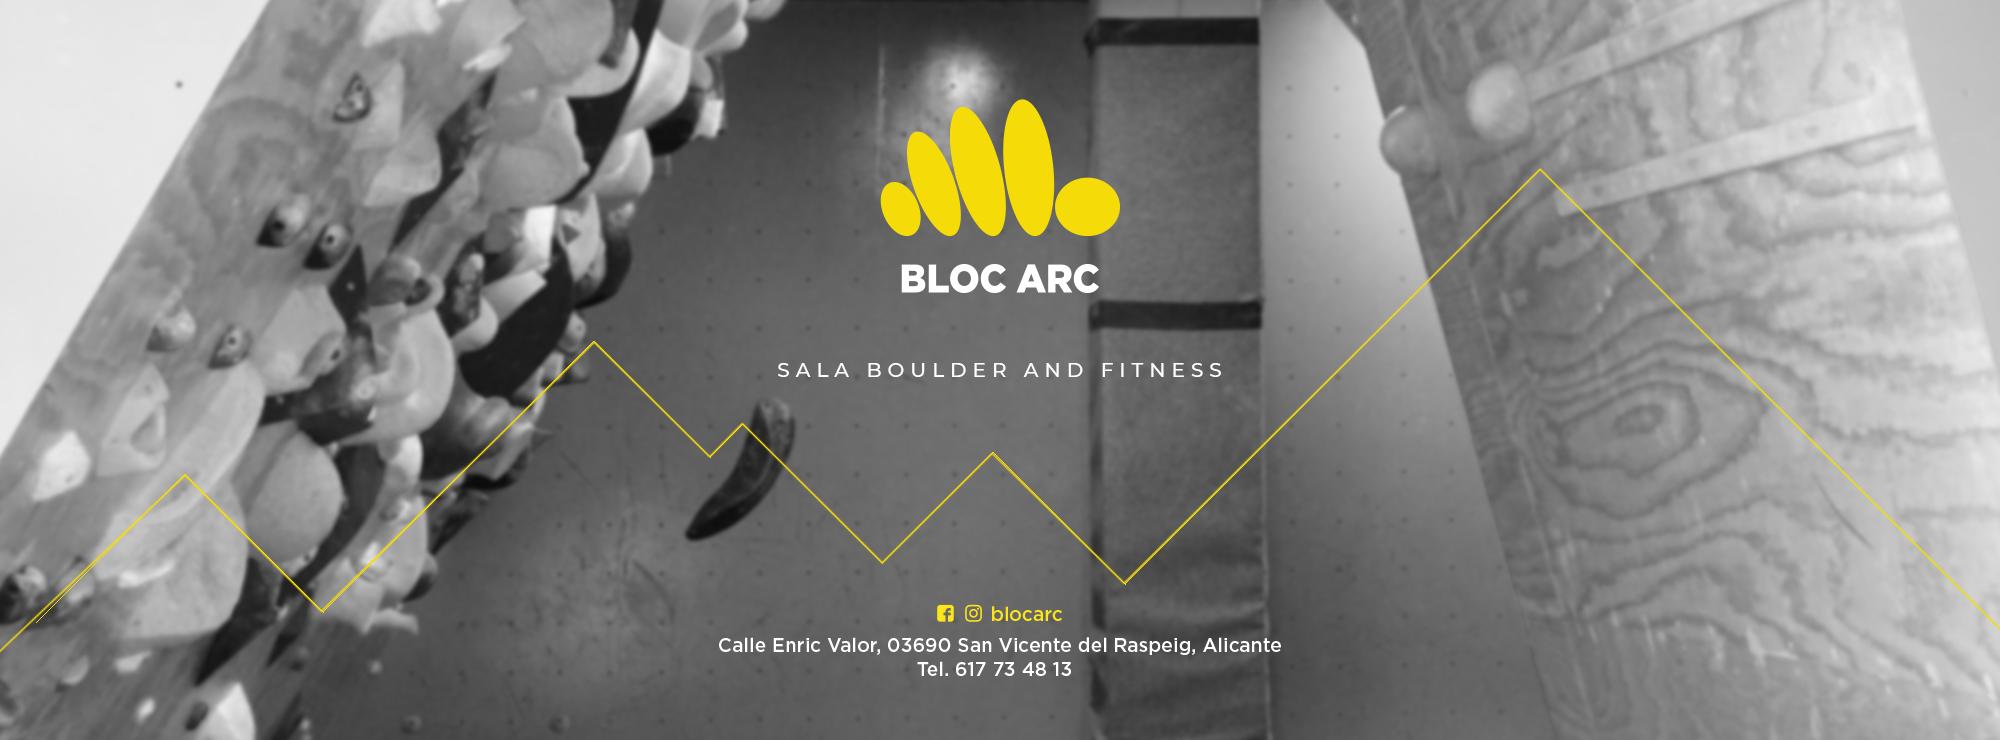 Bloc Arc